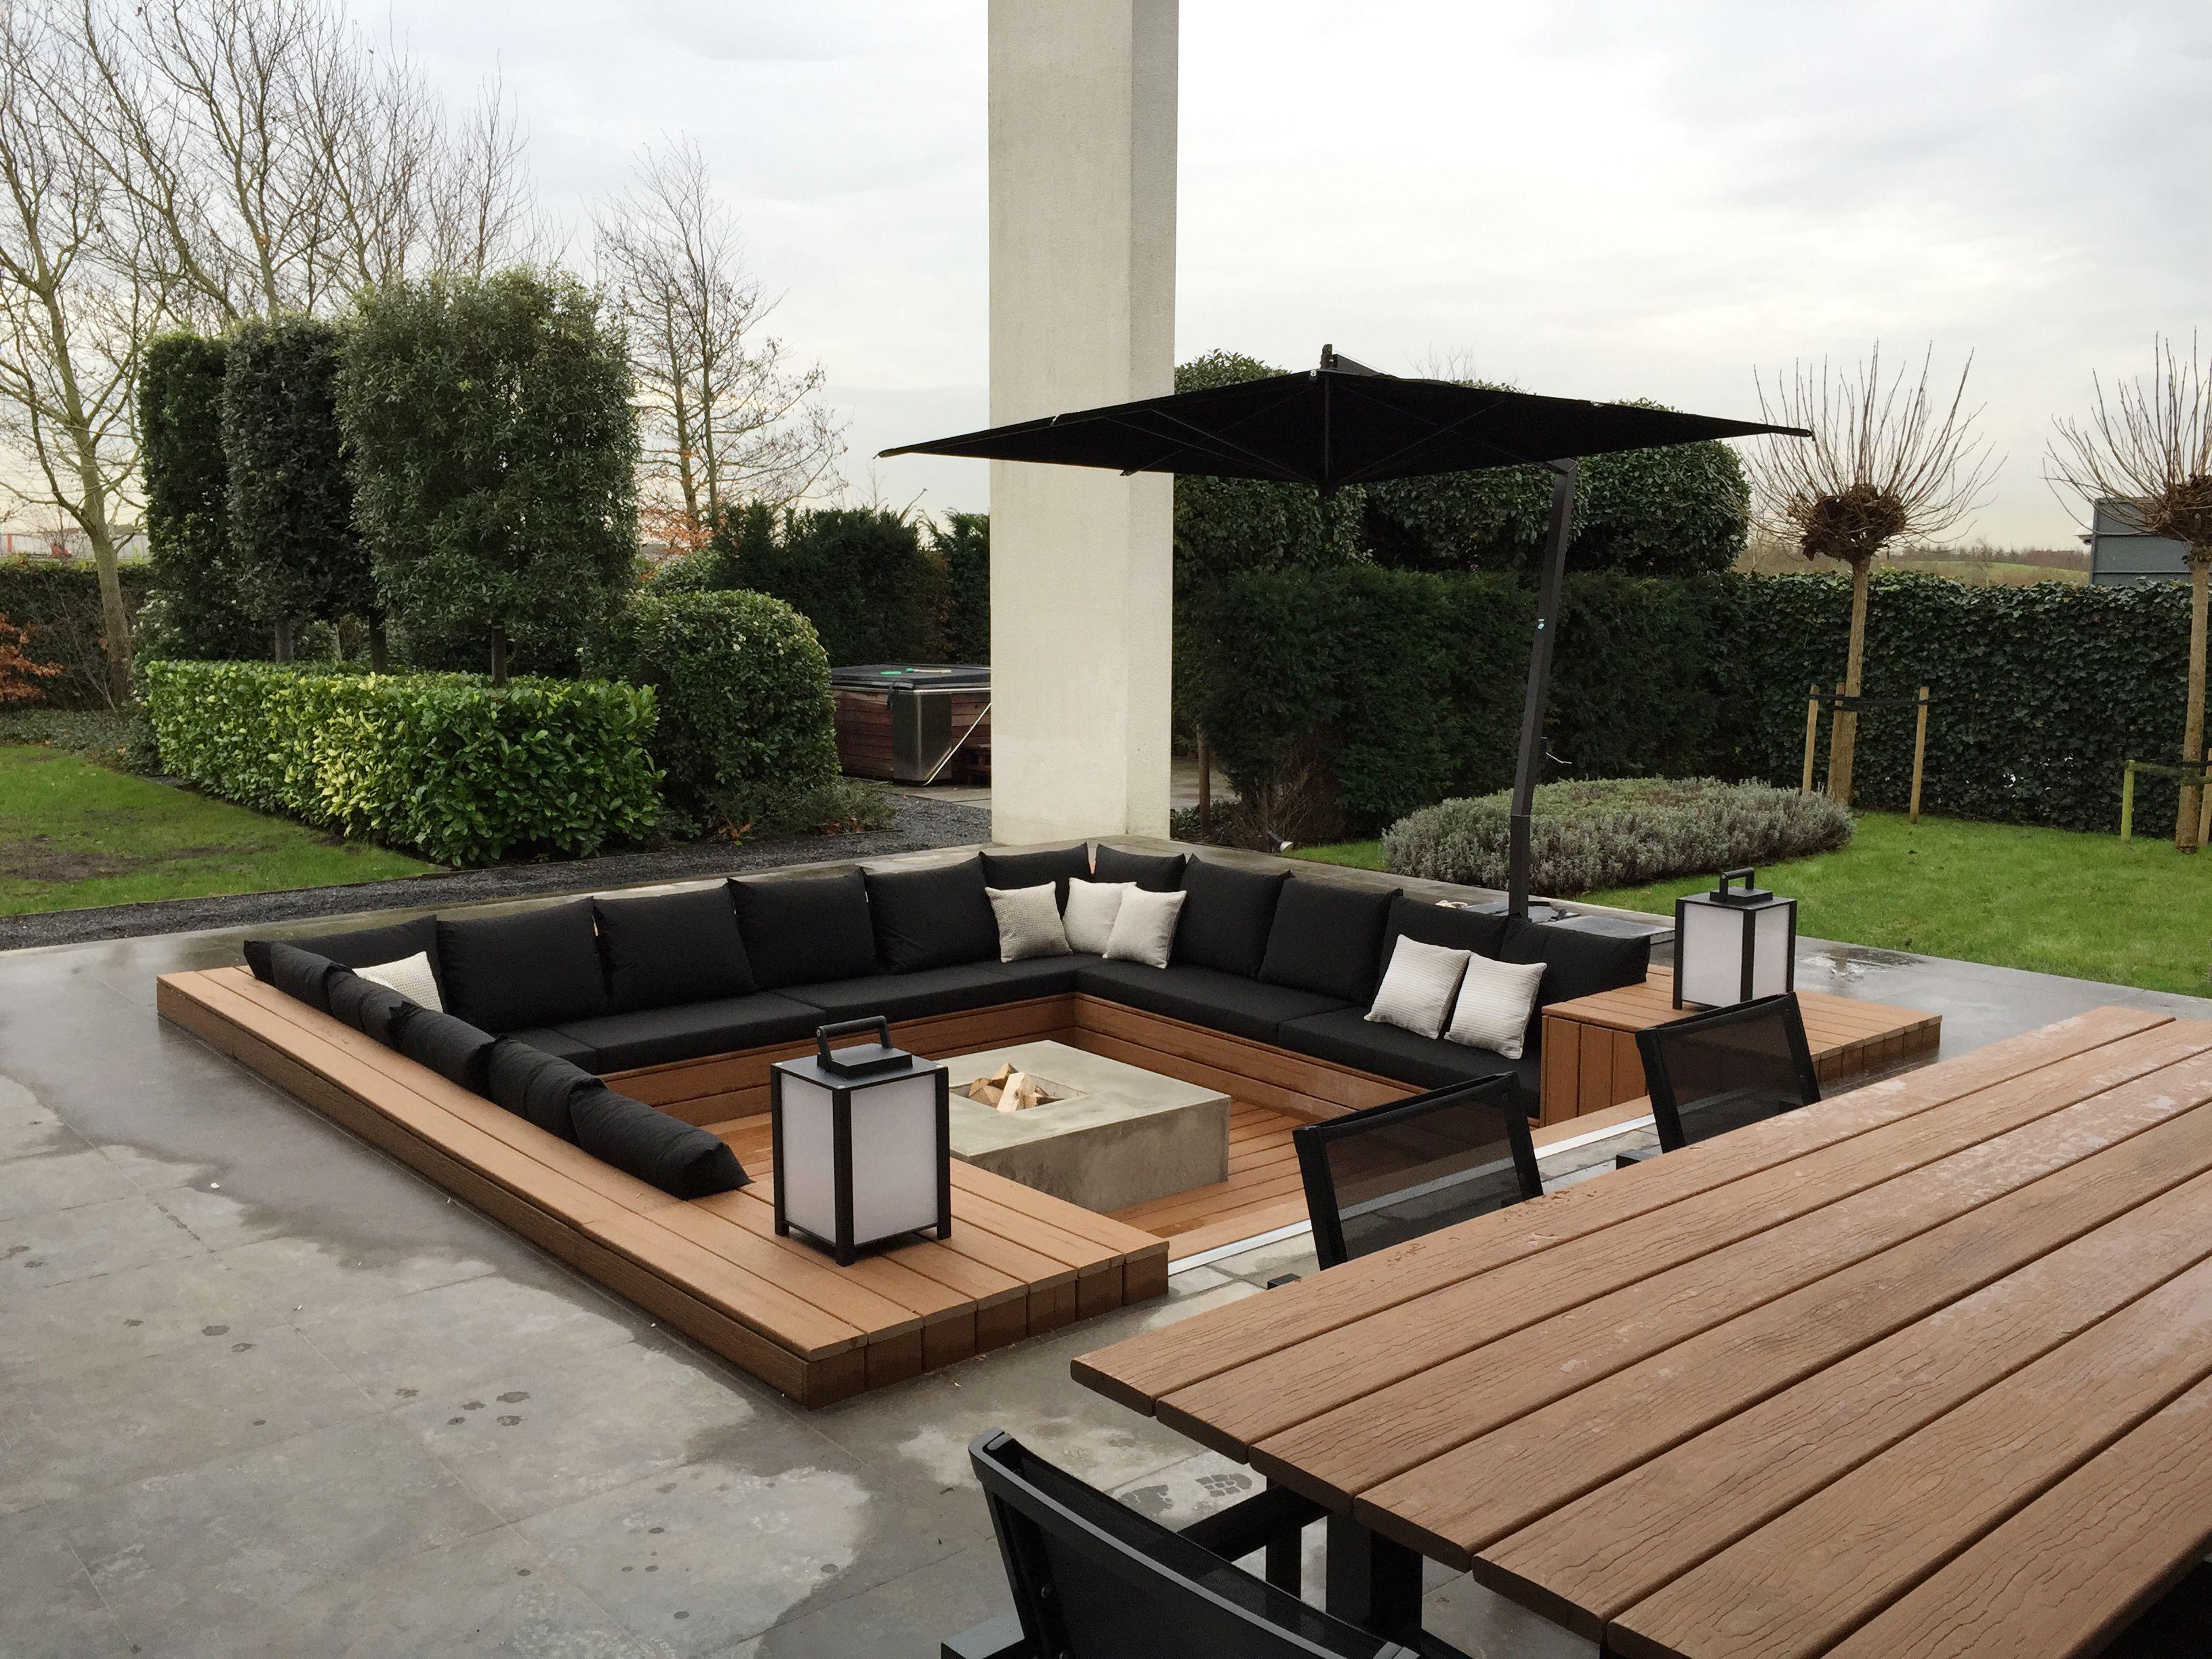 project choc studio zwaanshoek the netherlands outdoor lounge - Versunkene Feuerstellen Ideen